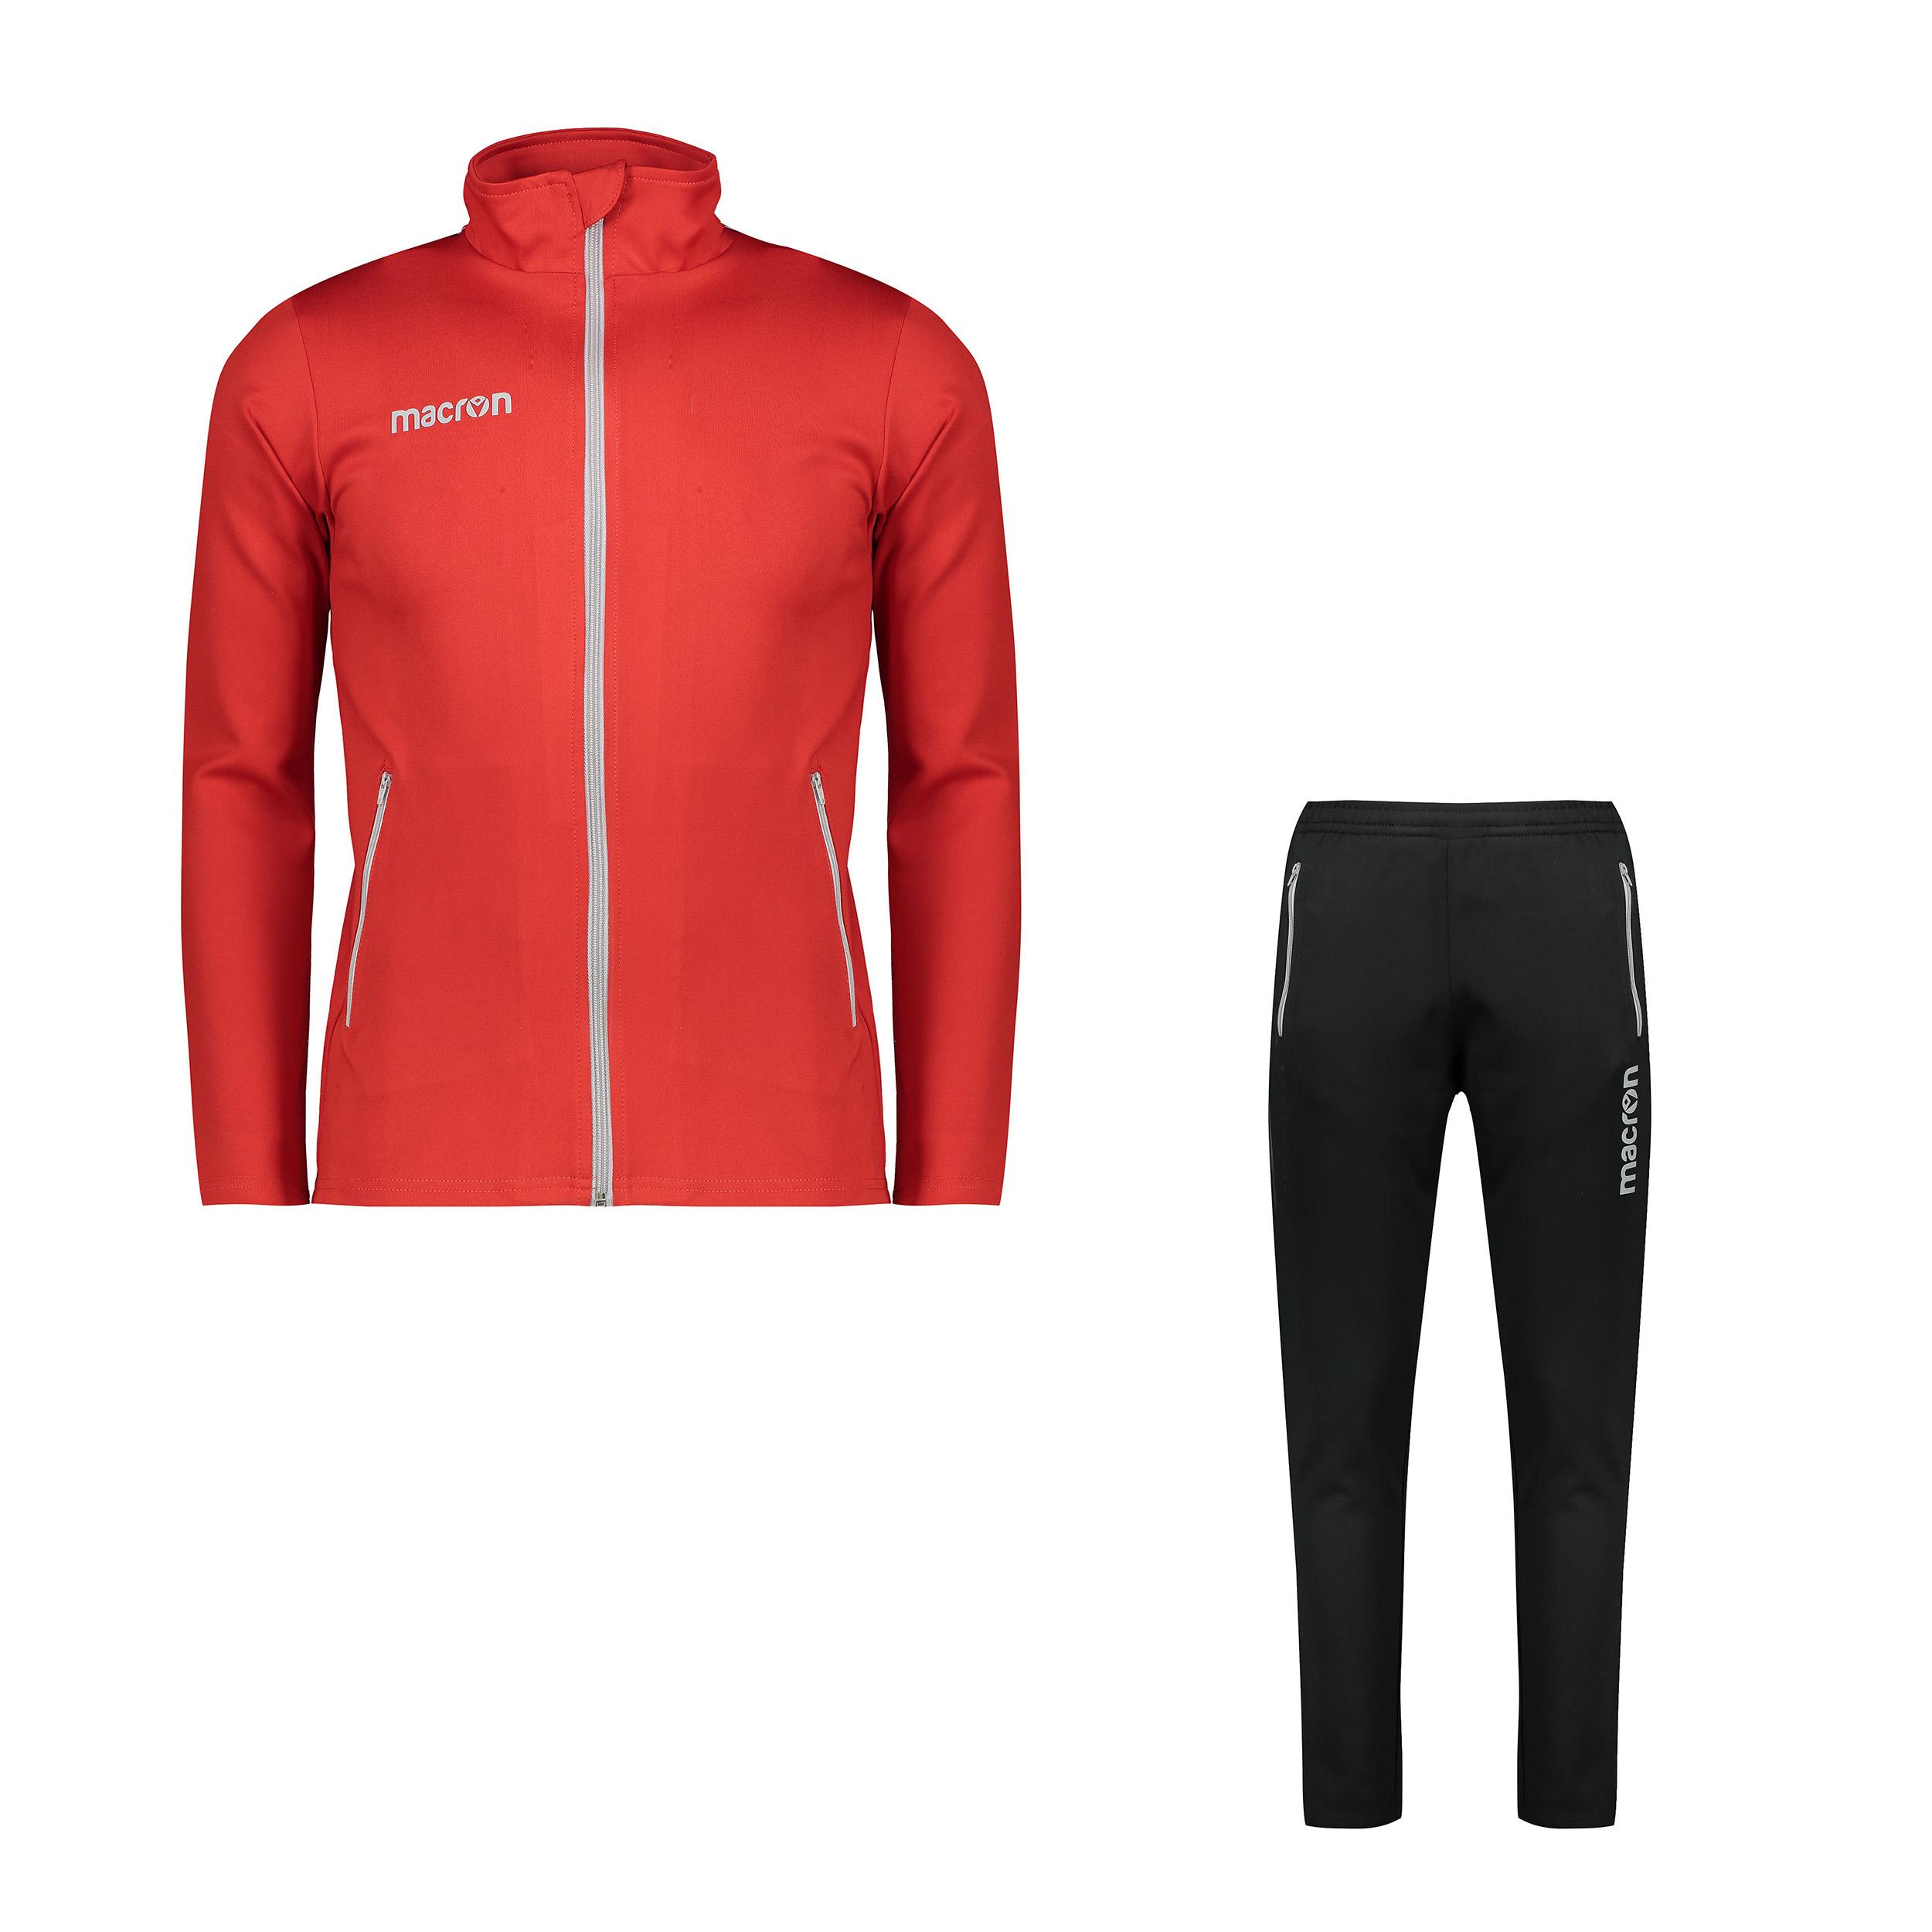 ست سویشرت و شلوار ورزشی مردانه مدل نمسیس رنگ قرمز                     غیر اصل